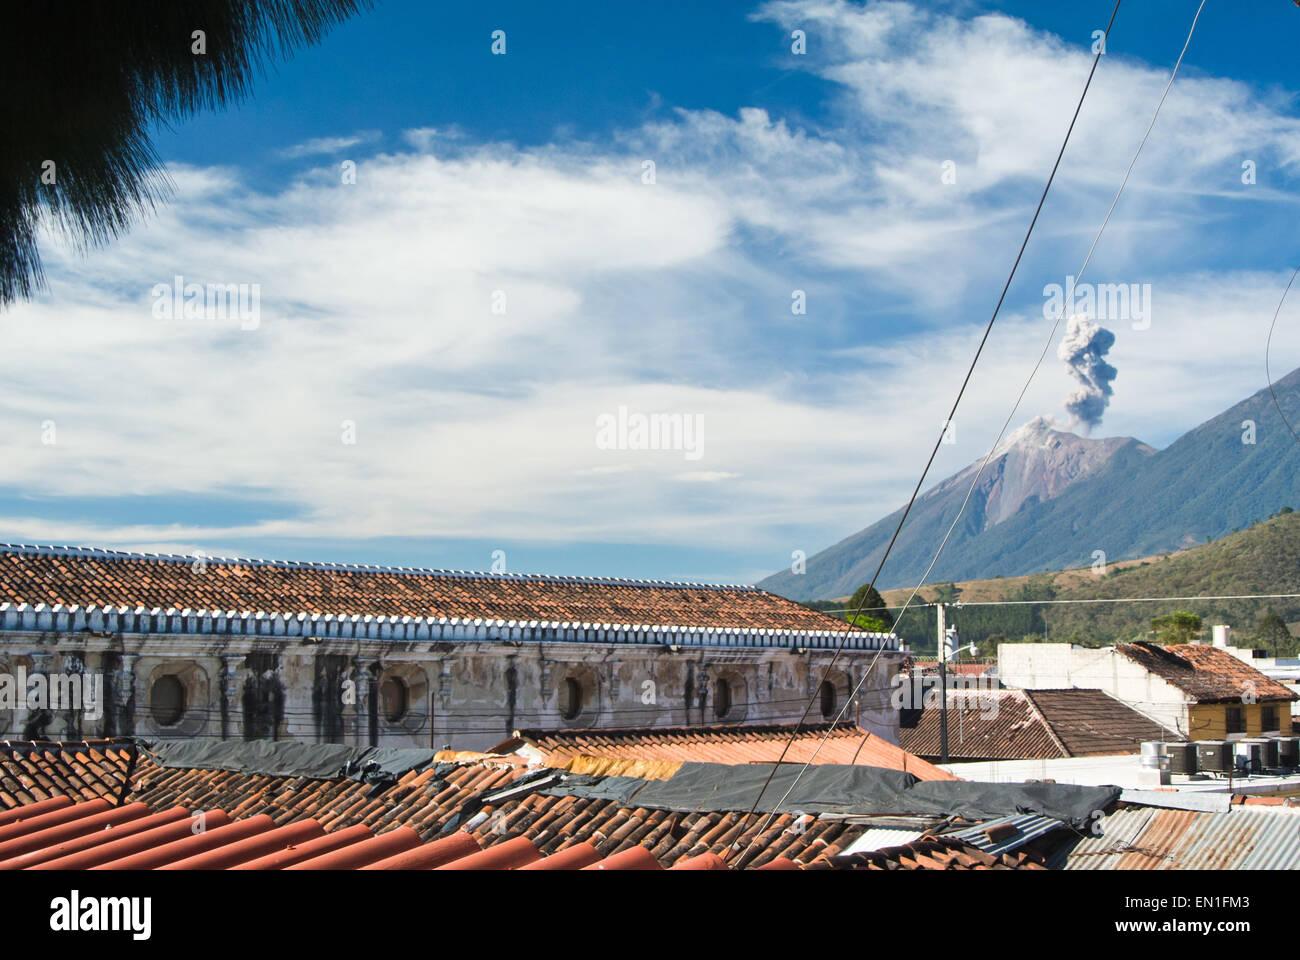 Volcán de fuego activo, visto a través de los tejados de la Antigua, Guatemala Imagen De Stock